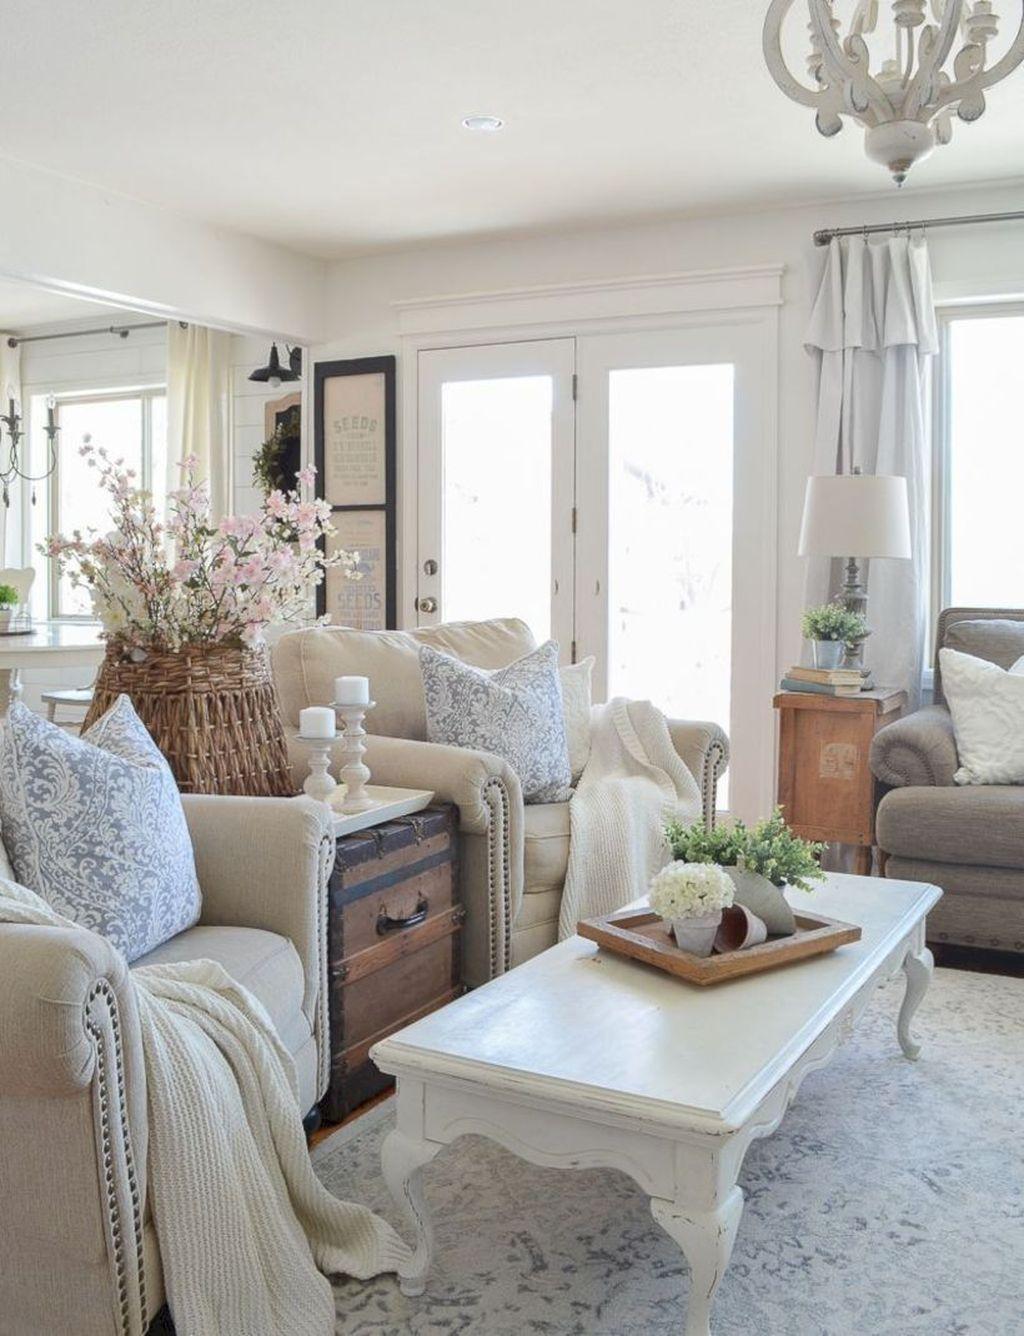 20 Fabulous Shabby Chic Farmhouse Living Room Decor Ideas